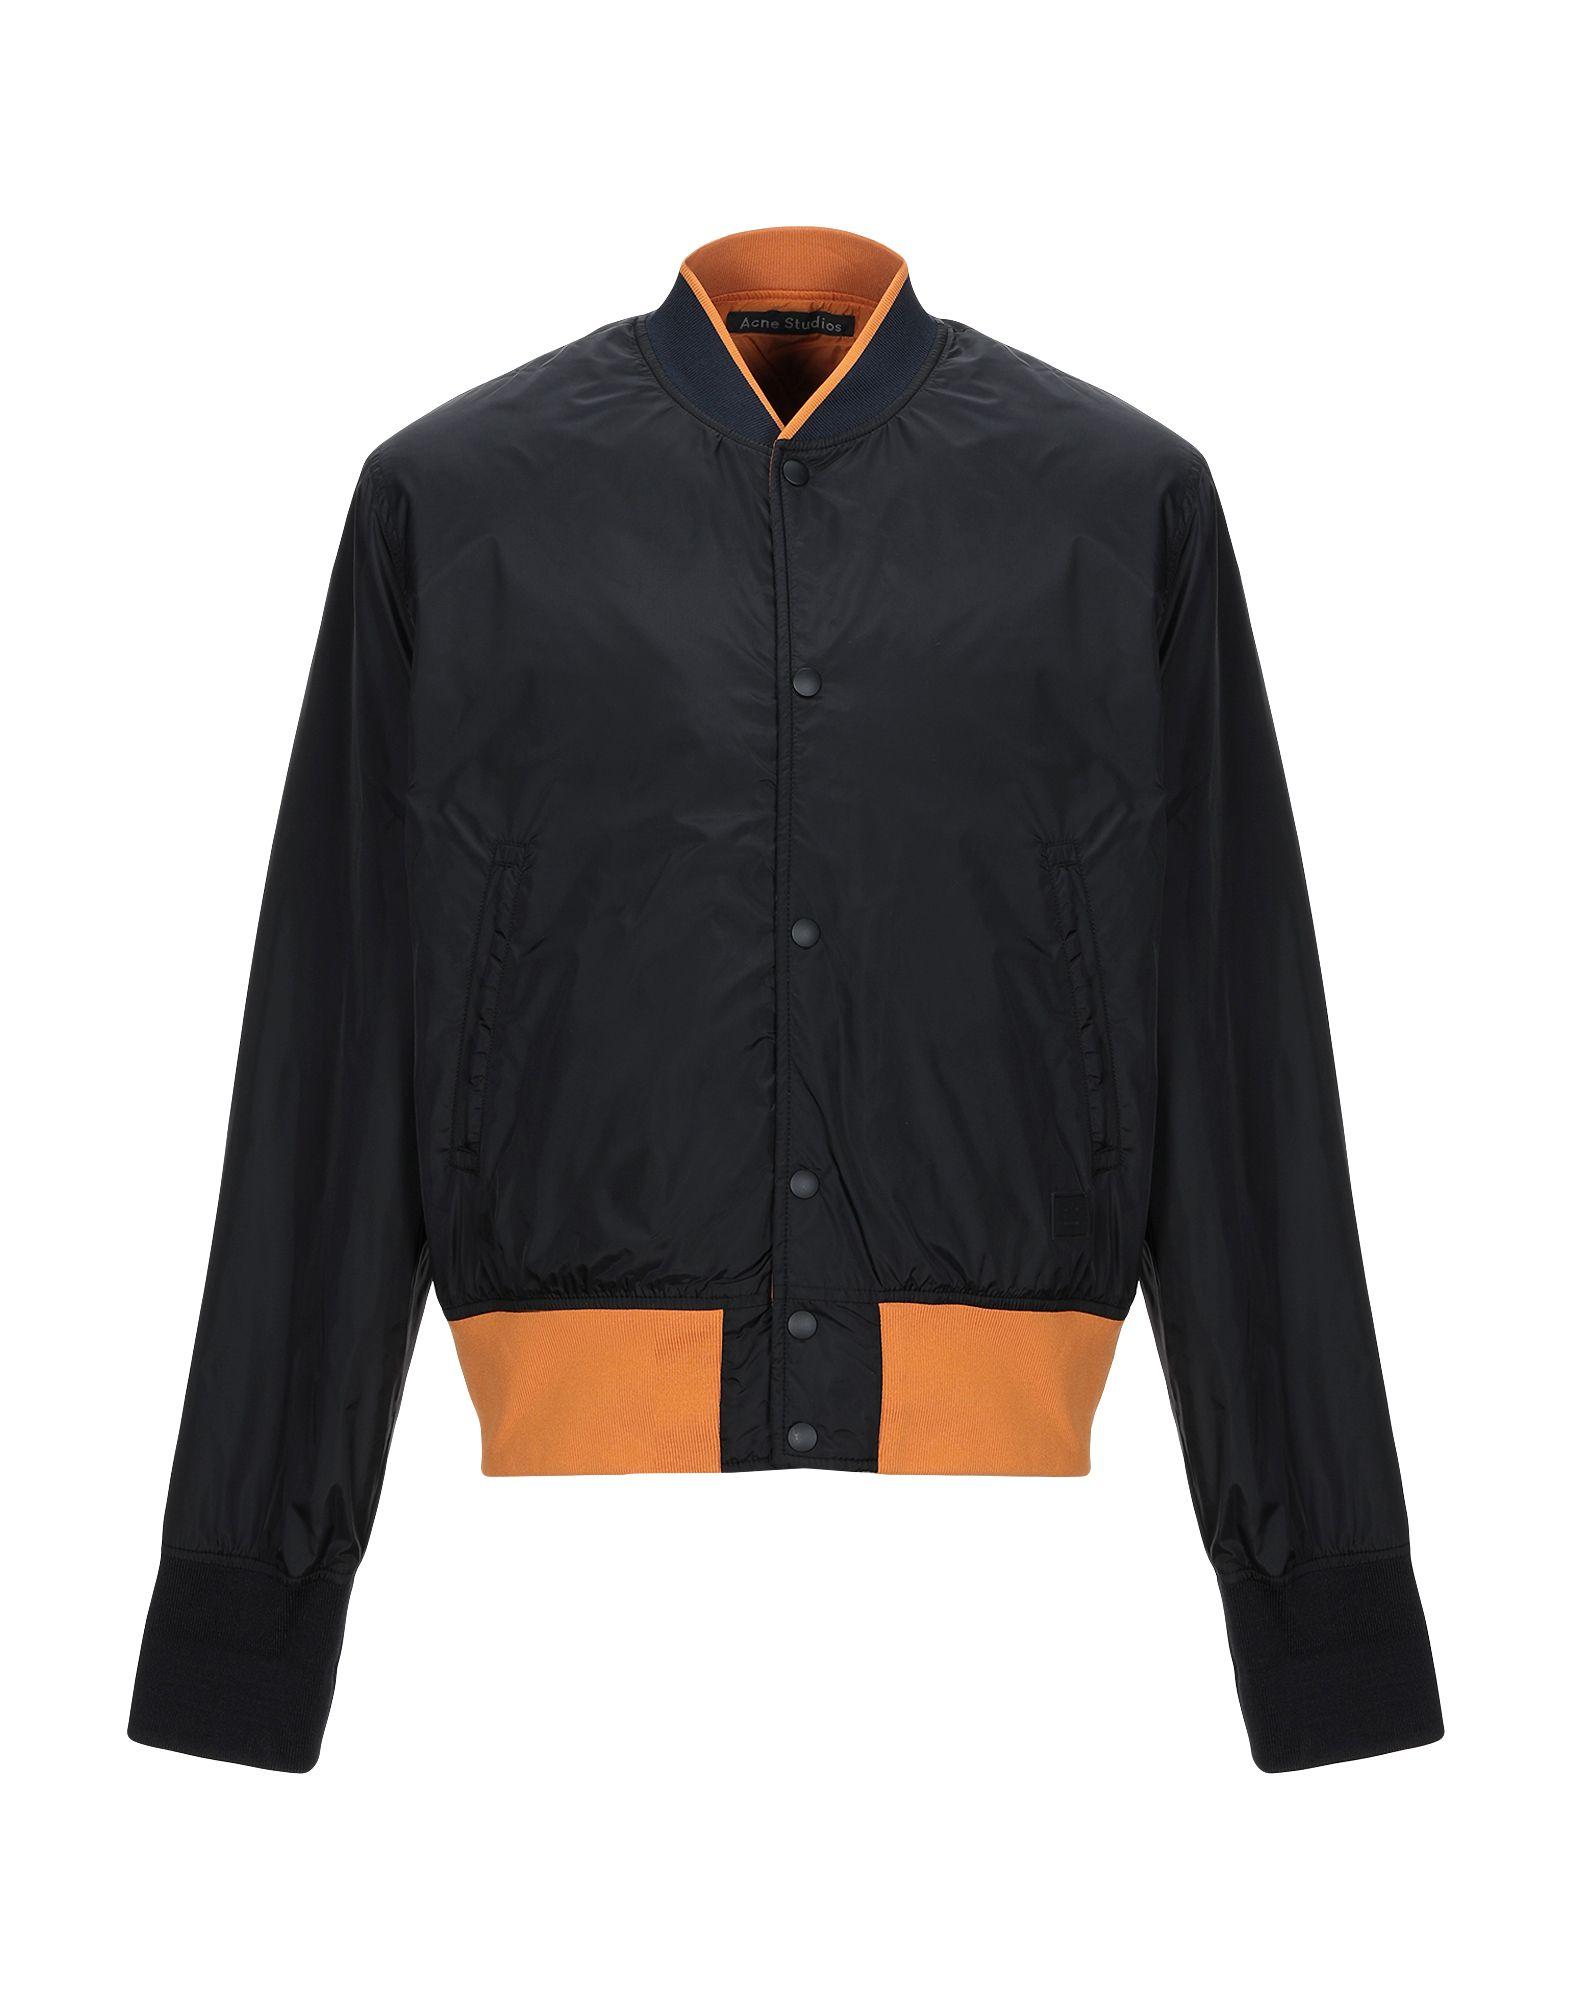 ACNE STUDIOS Куртка acne studios бордовая куртка бомбер clea